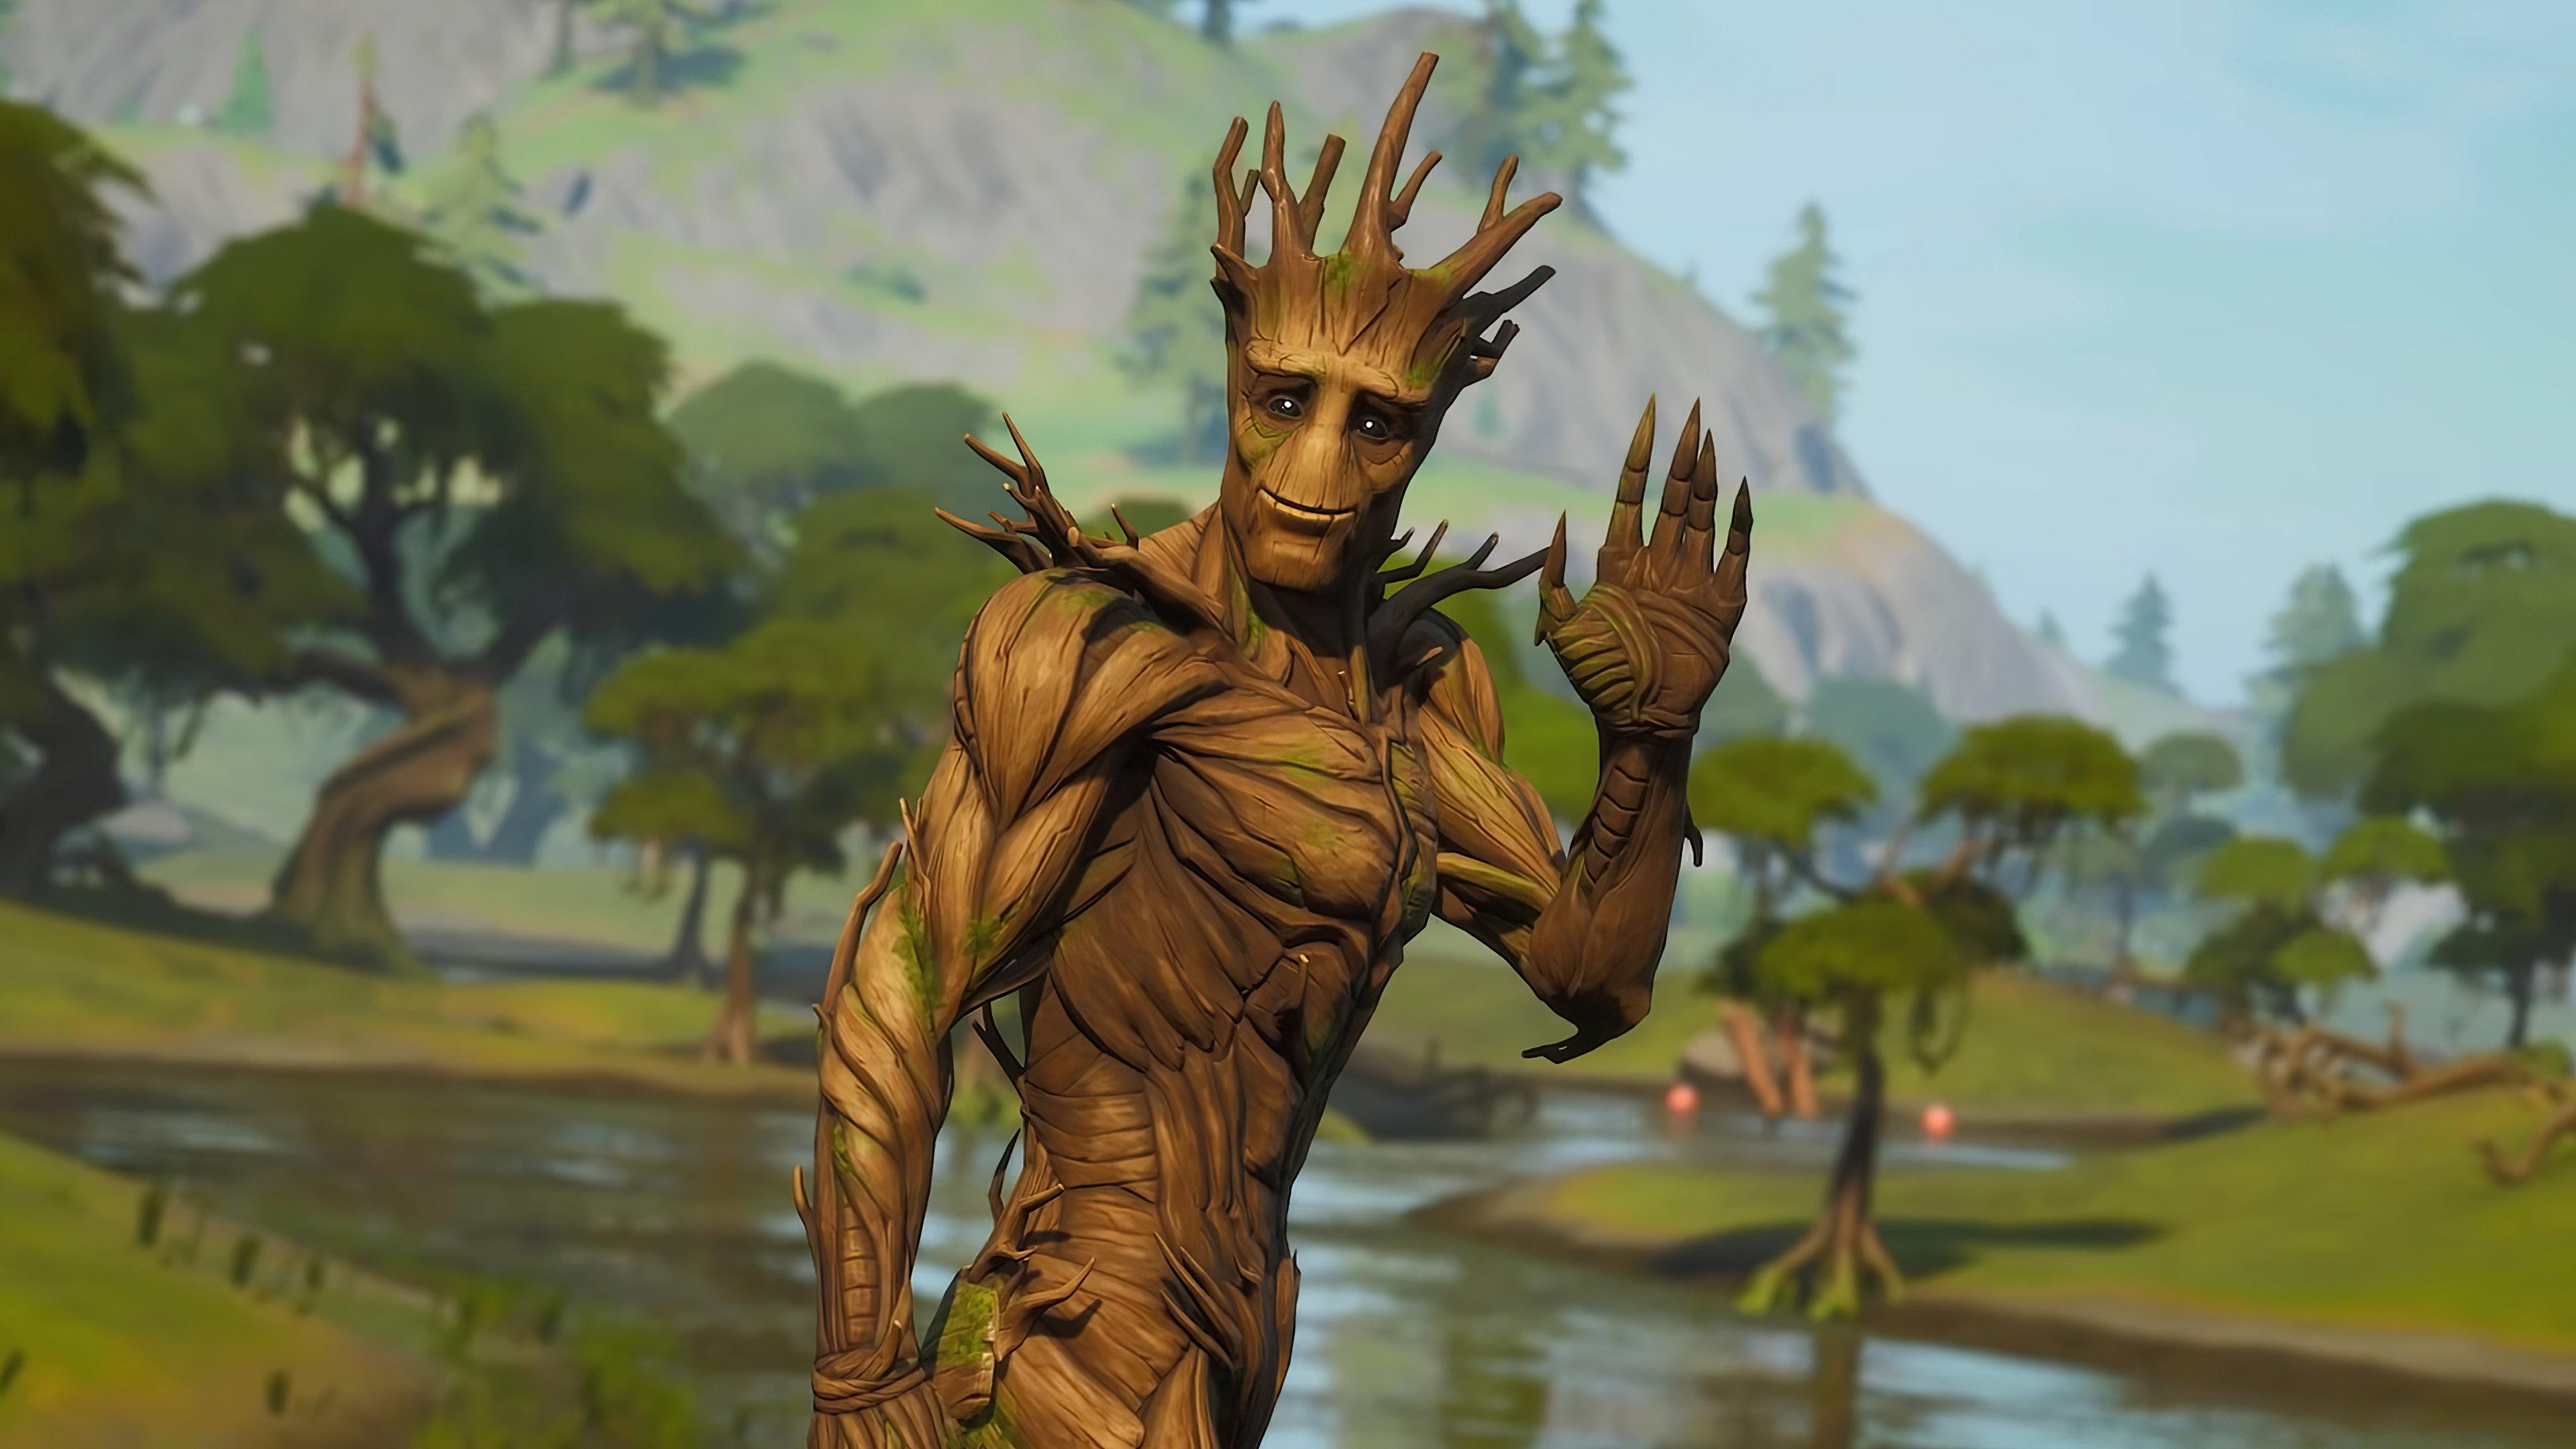 Fondos de pantalla Groot Fortnite